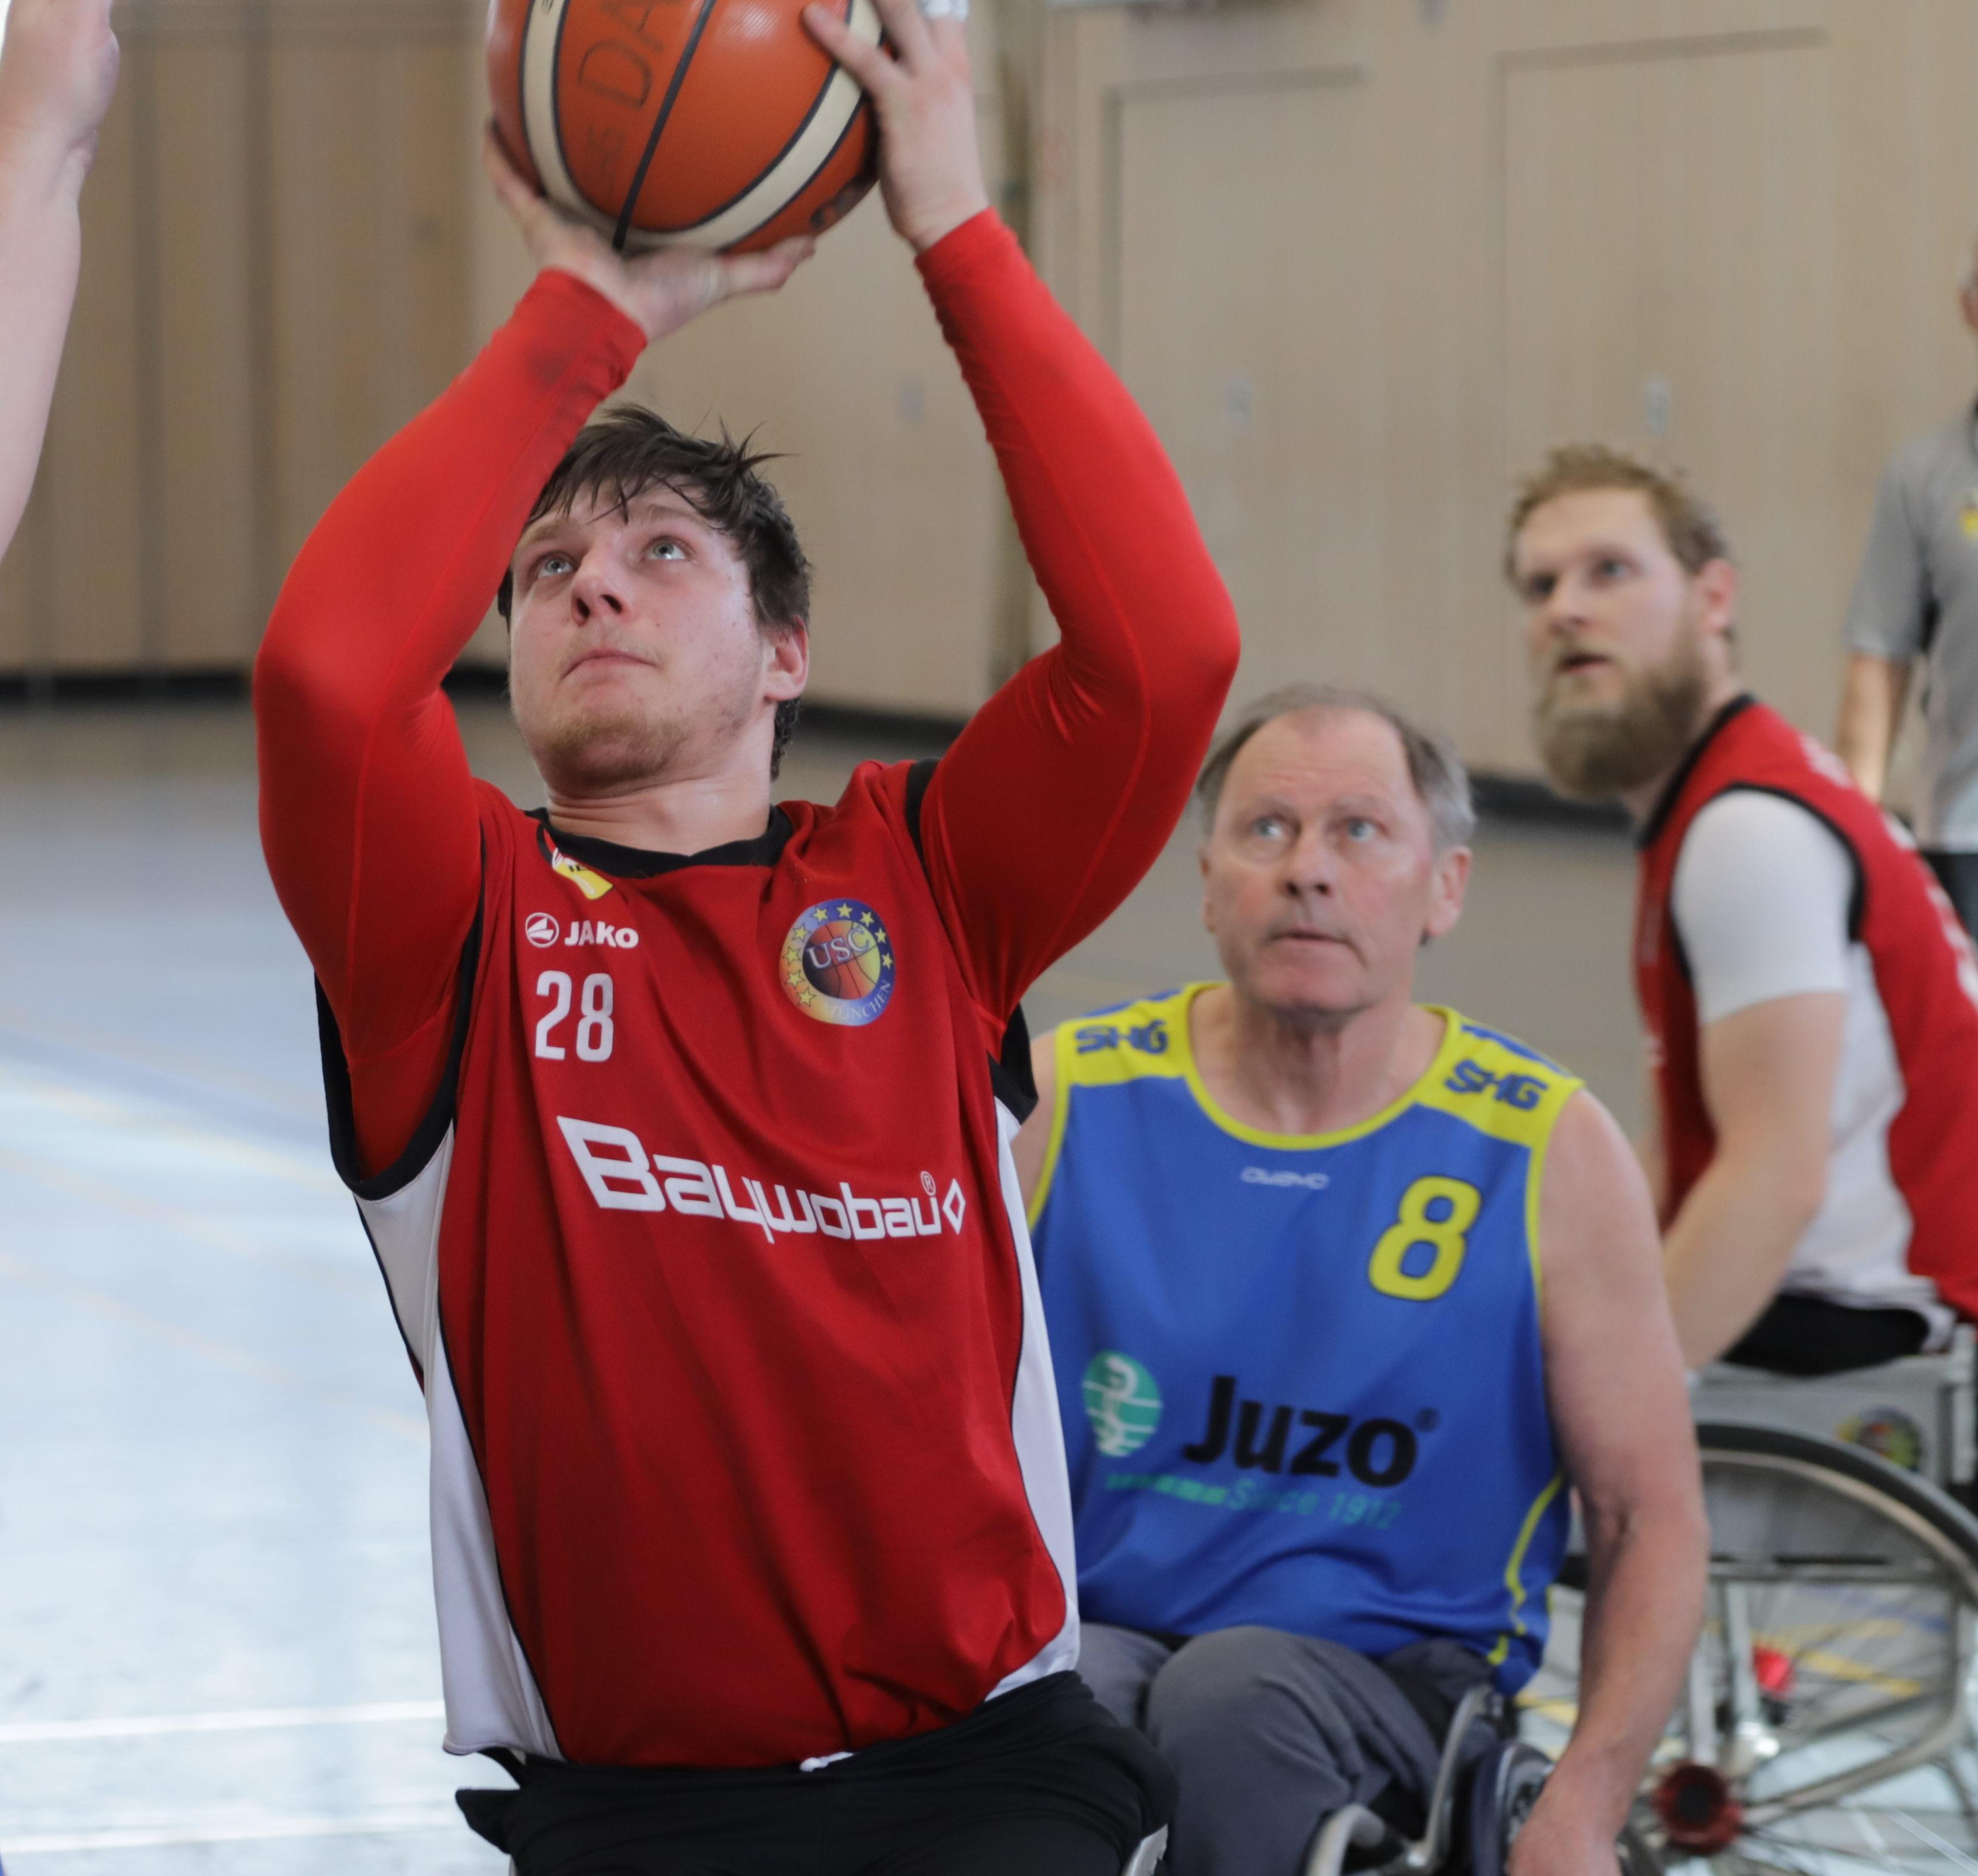 Rollstuhlbasketballer beim werfen